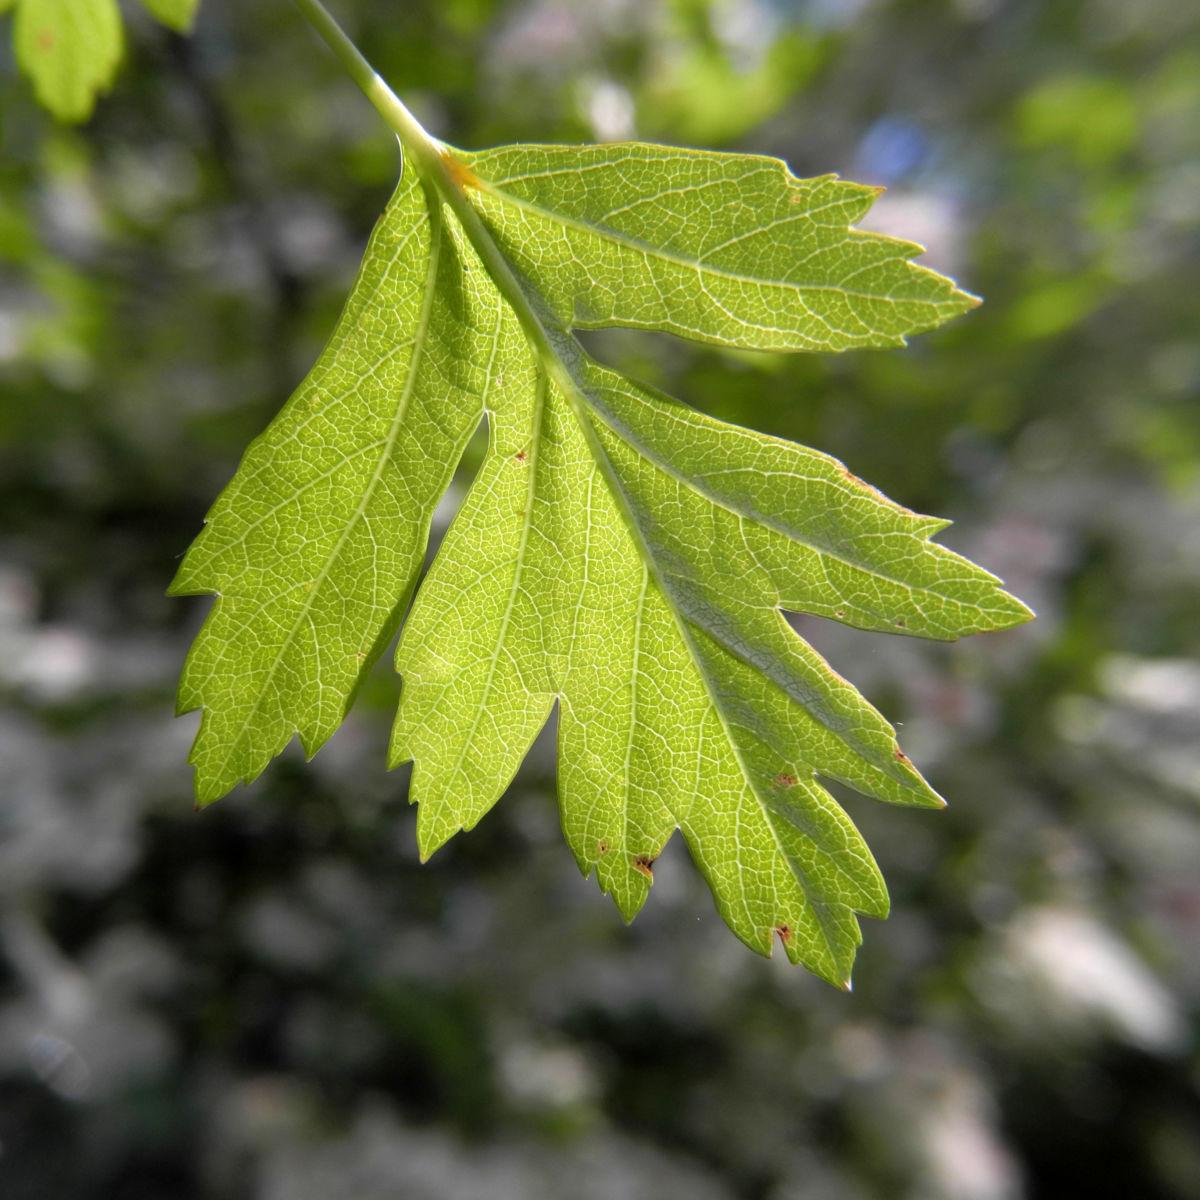 Eingriffeliger Weissdorn Blatt gruen Crataegus monogyna